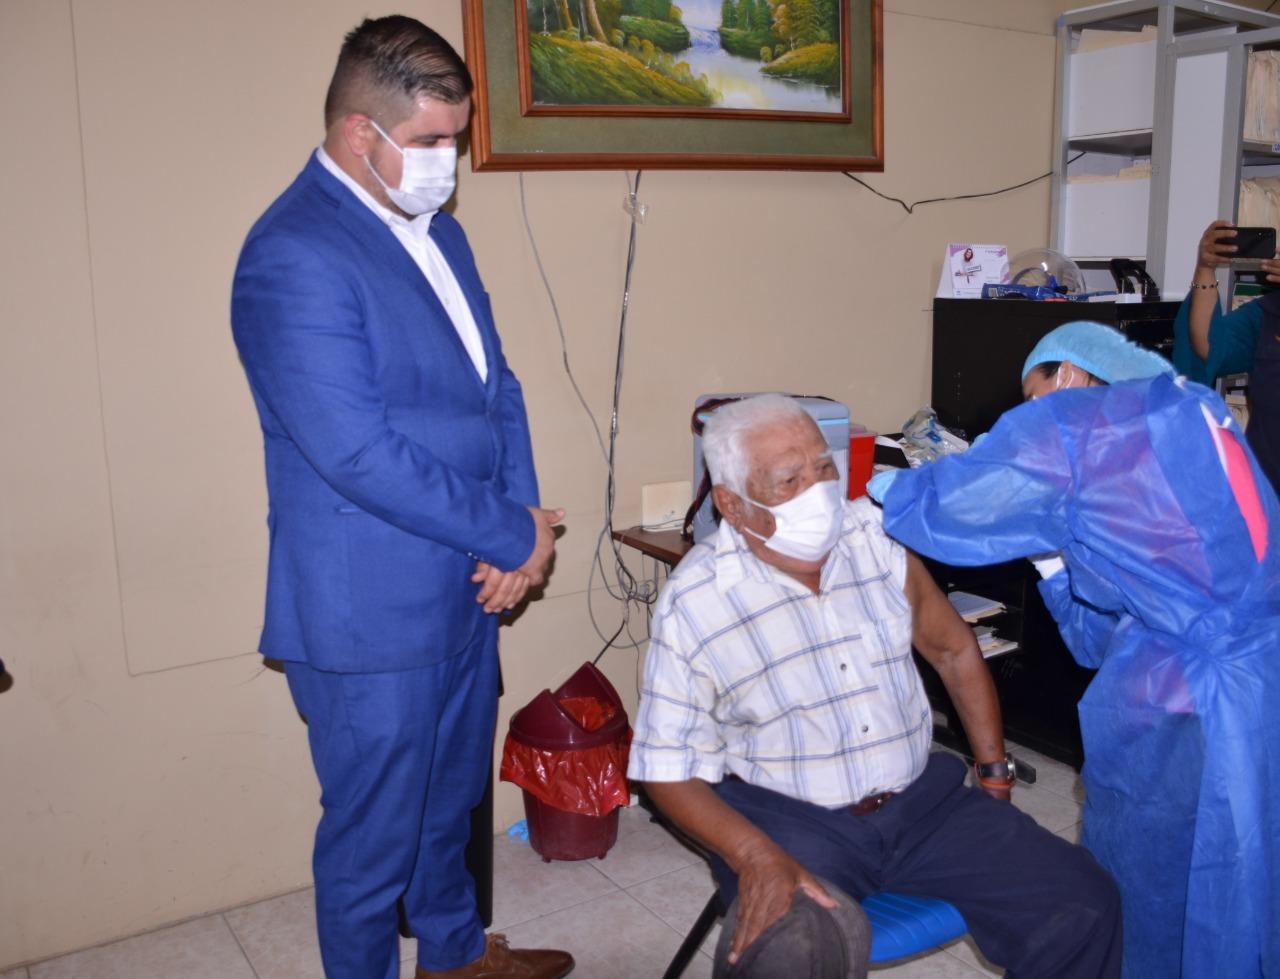 501 adultos mayores fueron inmunizados contra el covid-19 en Machala y Huaquillas